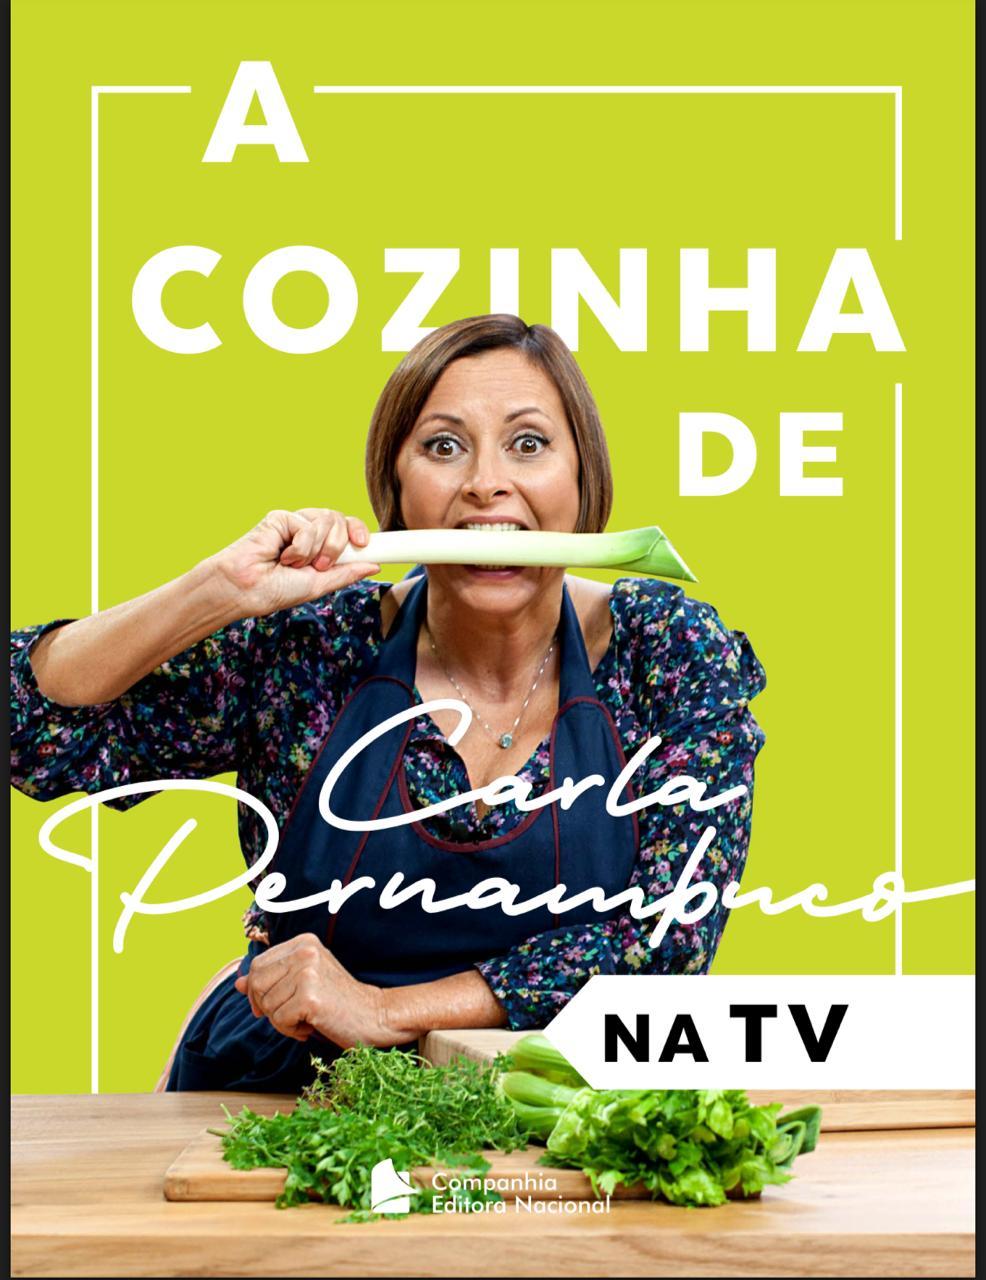 Carla Pernambuco